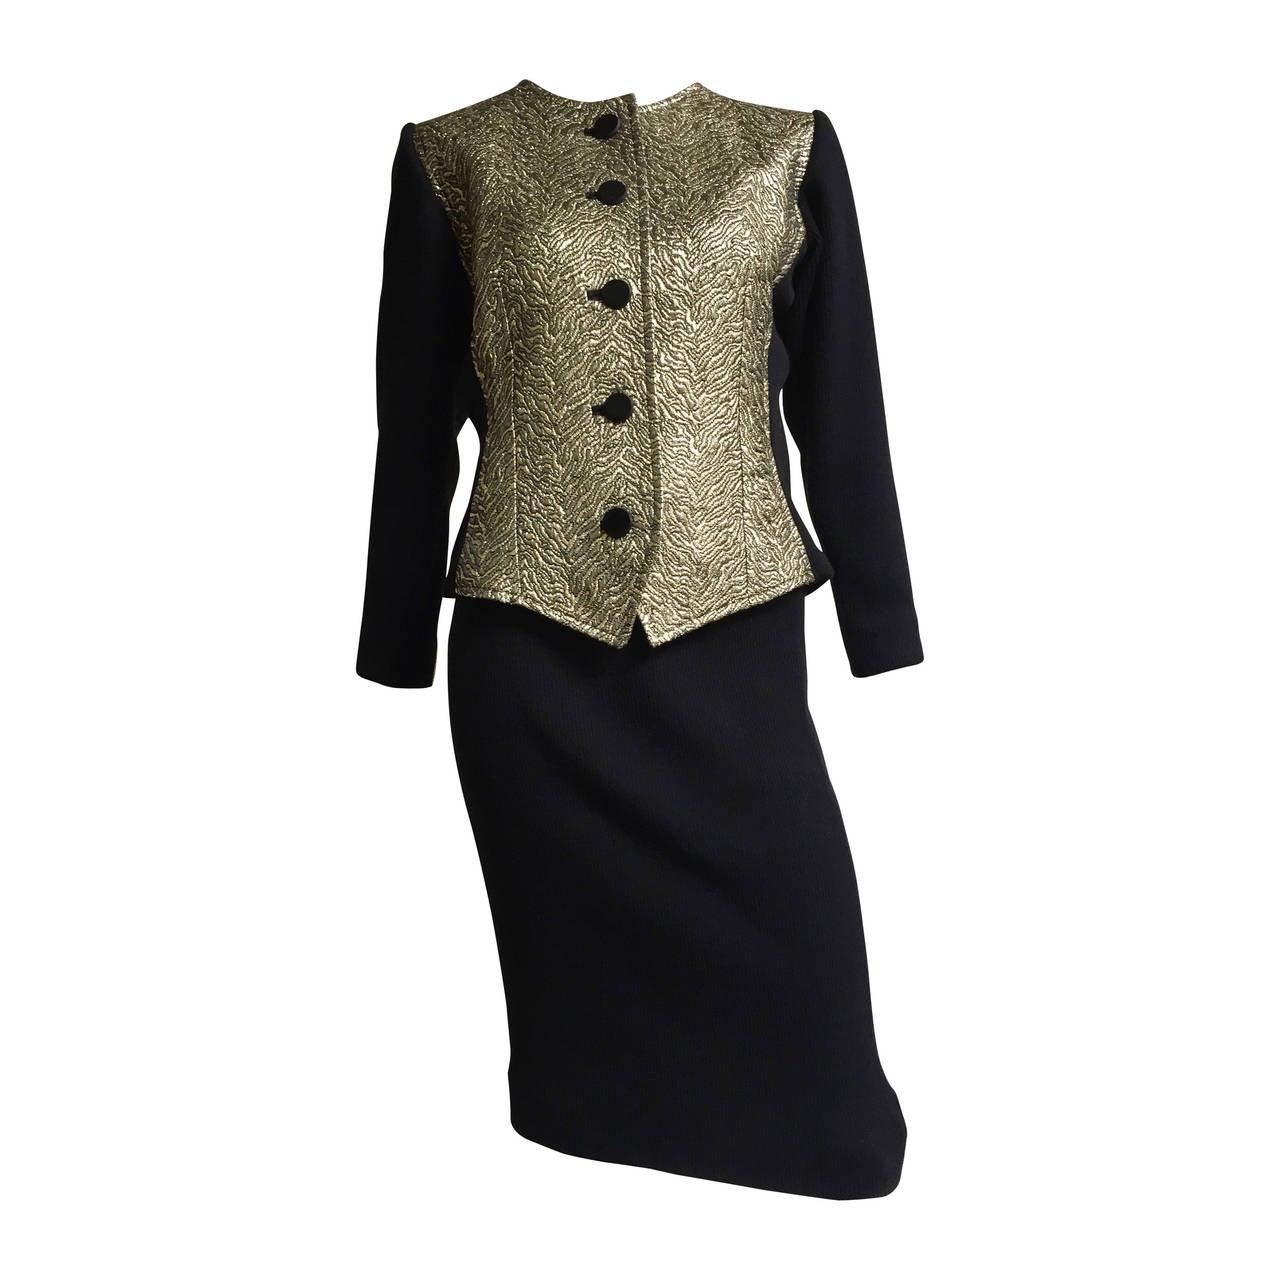 Saint Laurent Rive Gauche Gold Jacquard Knit Suit Size 6 / 8.